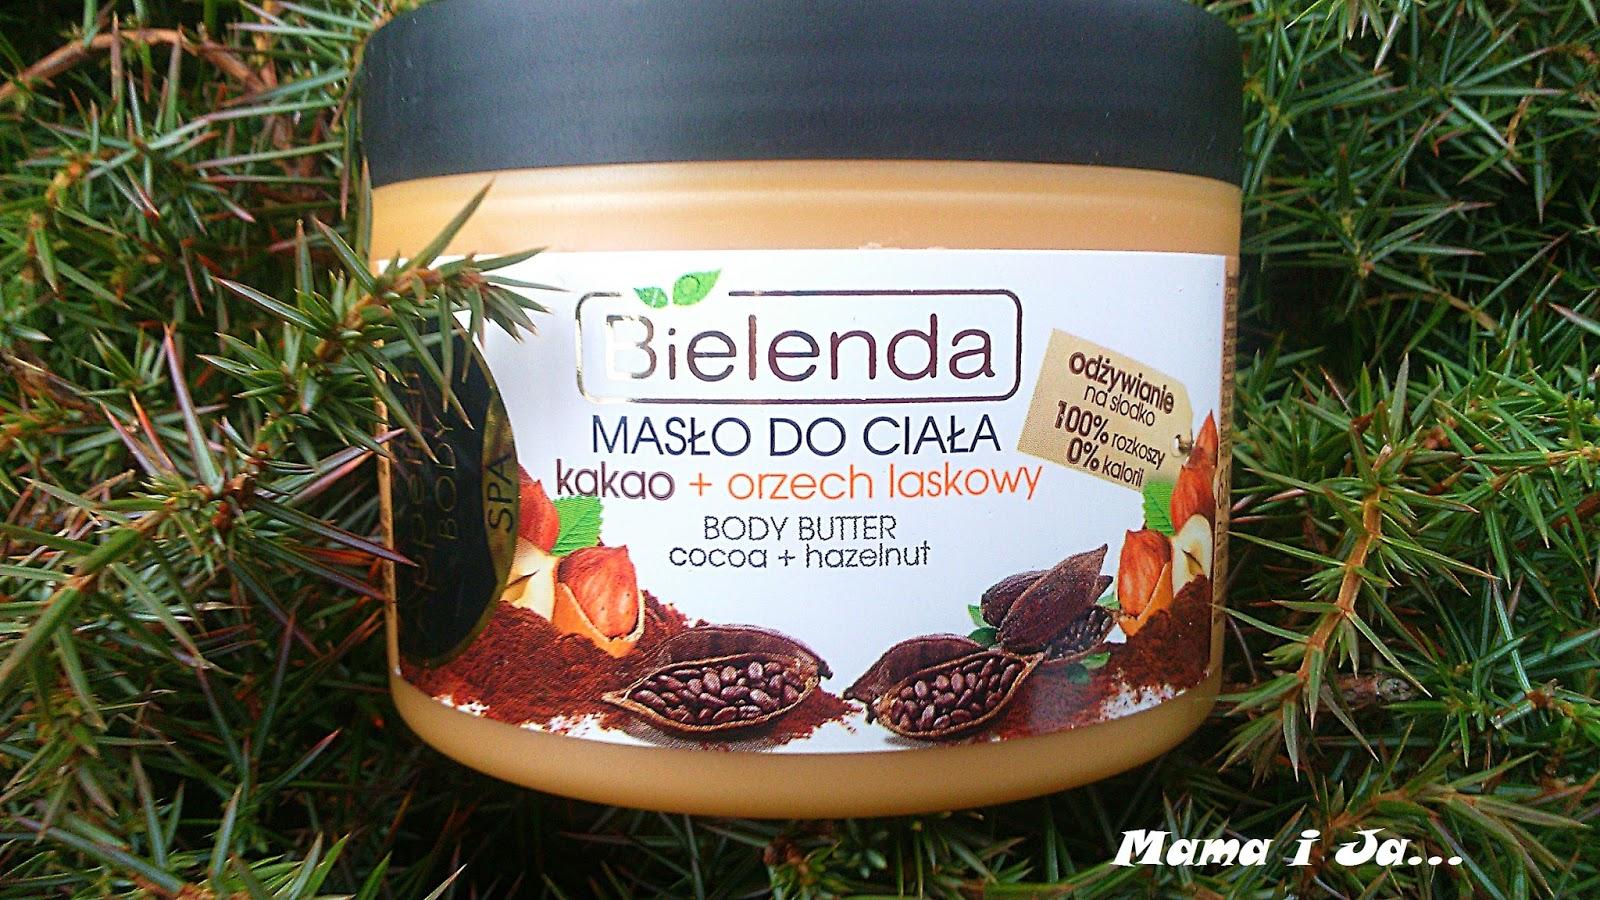 Bielenda, Appetizing Body SPA, Masło do ciała Kakao + orzech laskowy - Drogeria Nina